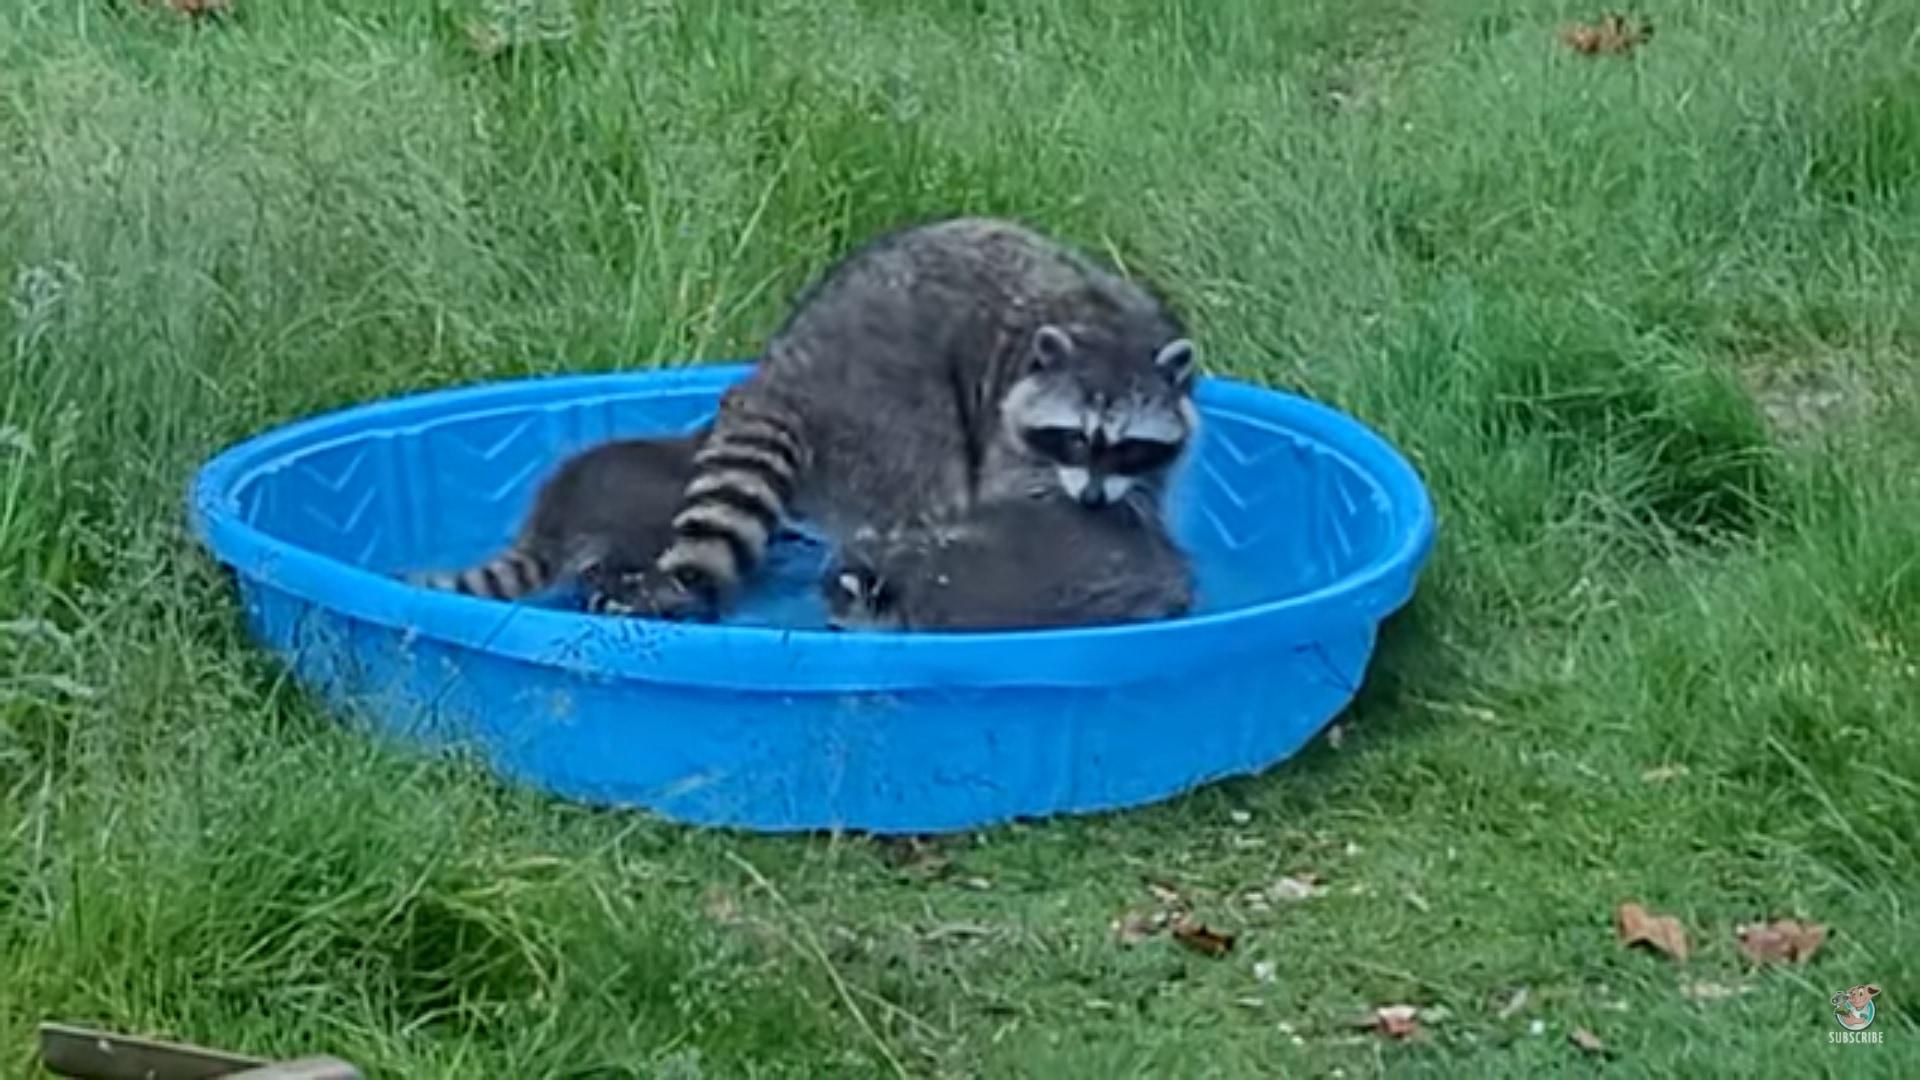 「ほら、しっかり体洗わなきゃダメでしょ」アライグマのお母さん、幼い子供たちのお風呂タイムに奮闘中